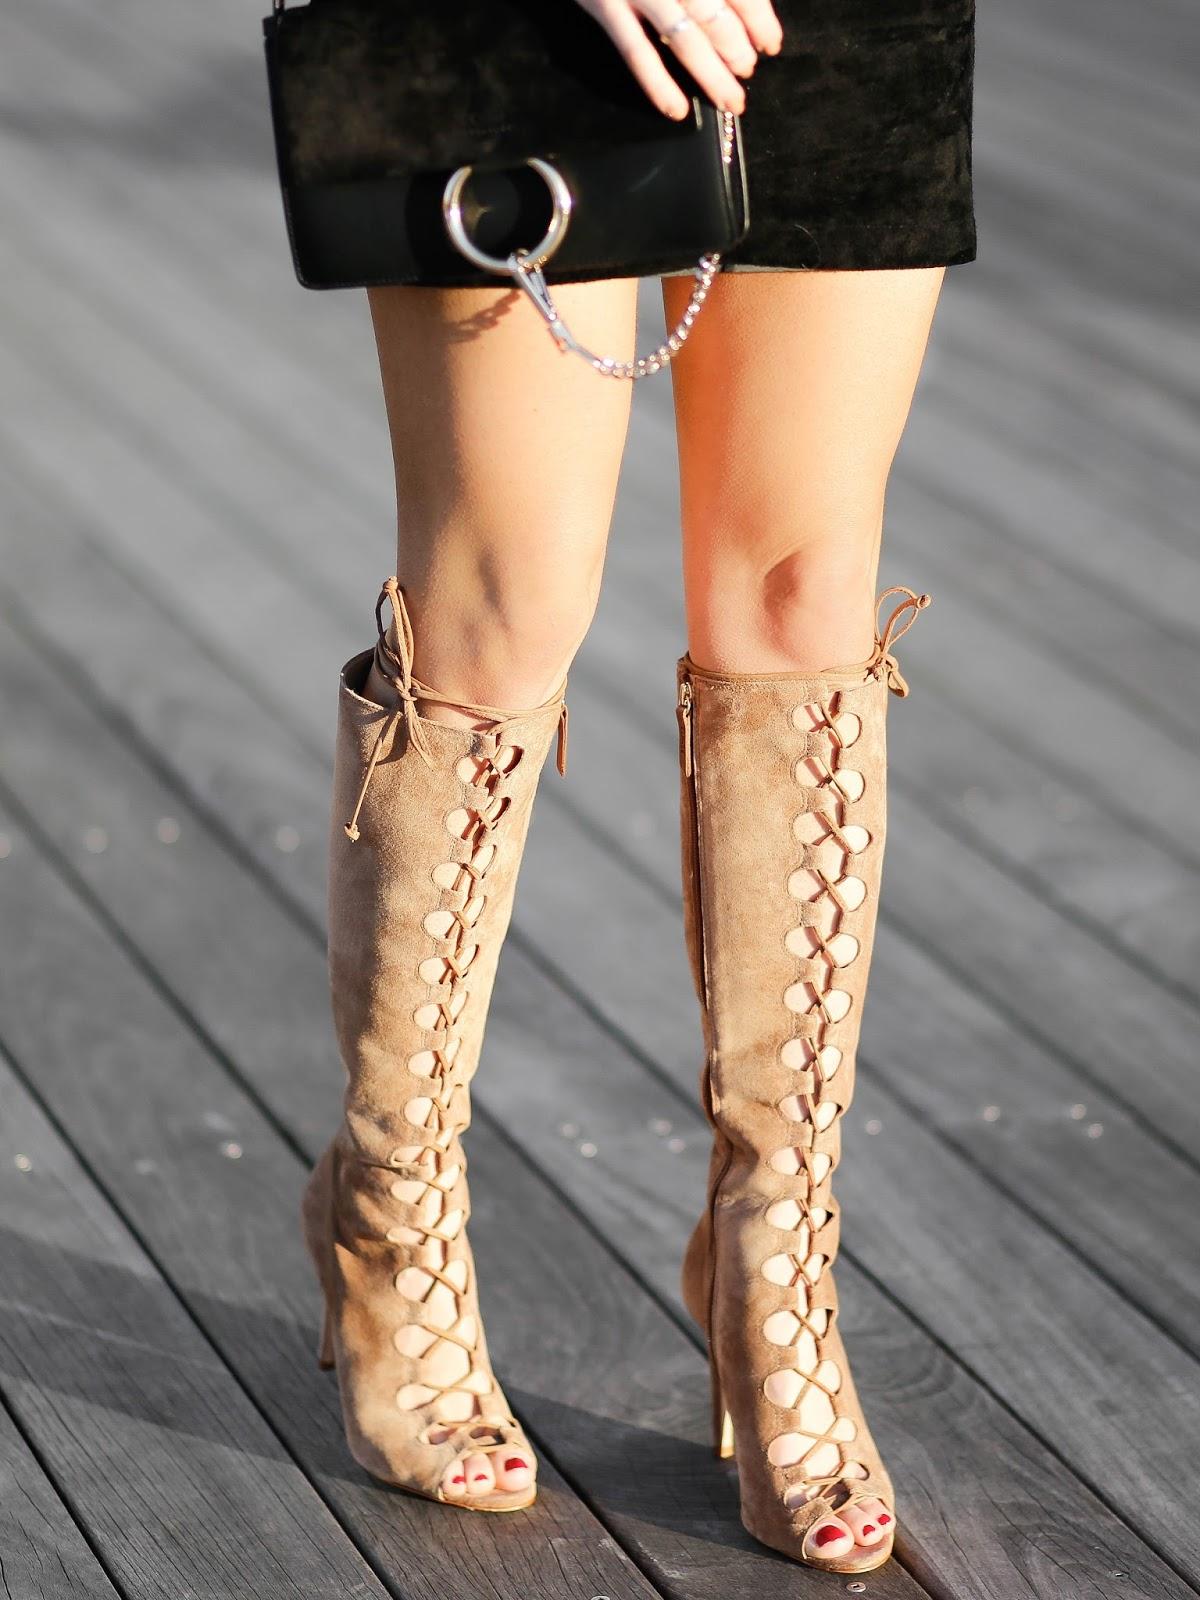 schutz lace up shoes, chloe faye